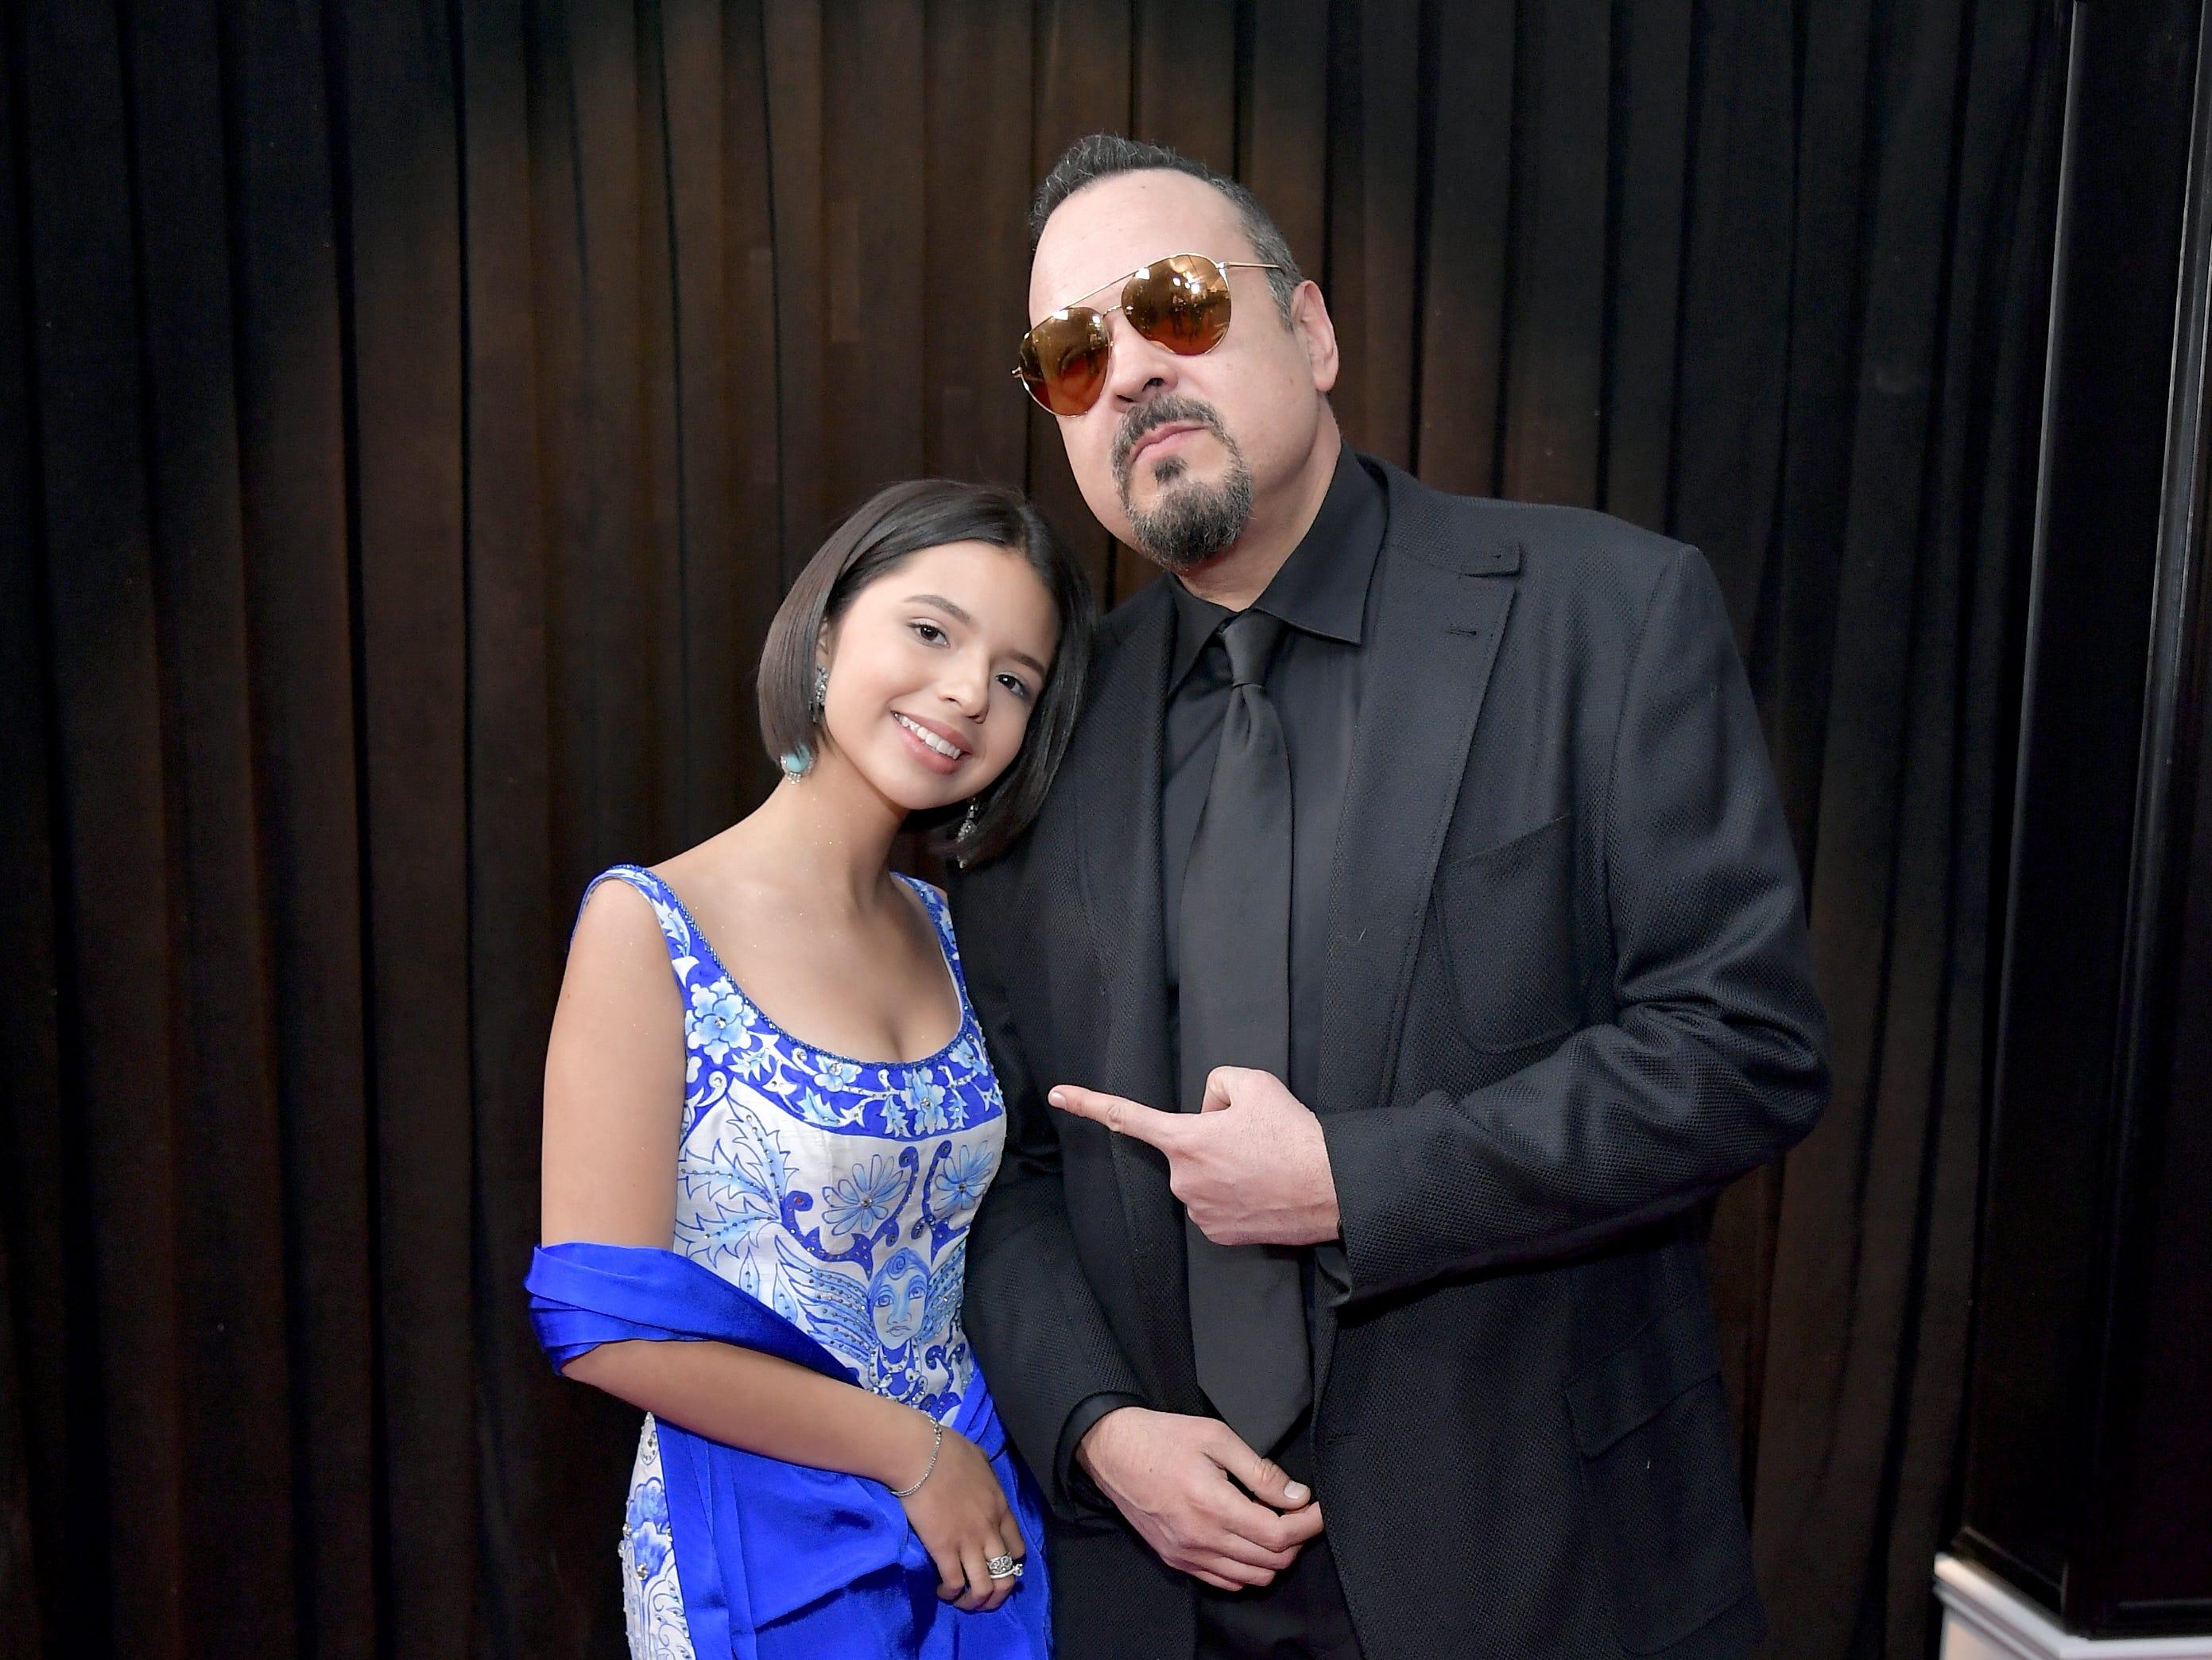 Ángela Aguilar y Pepe Aguilar asisten a la 61ª edición de los premios GRAMMY en el Staples Center el 10 de febrero de 2019 en Los Ángeles, California.